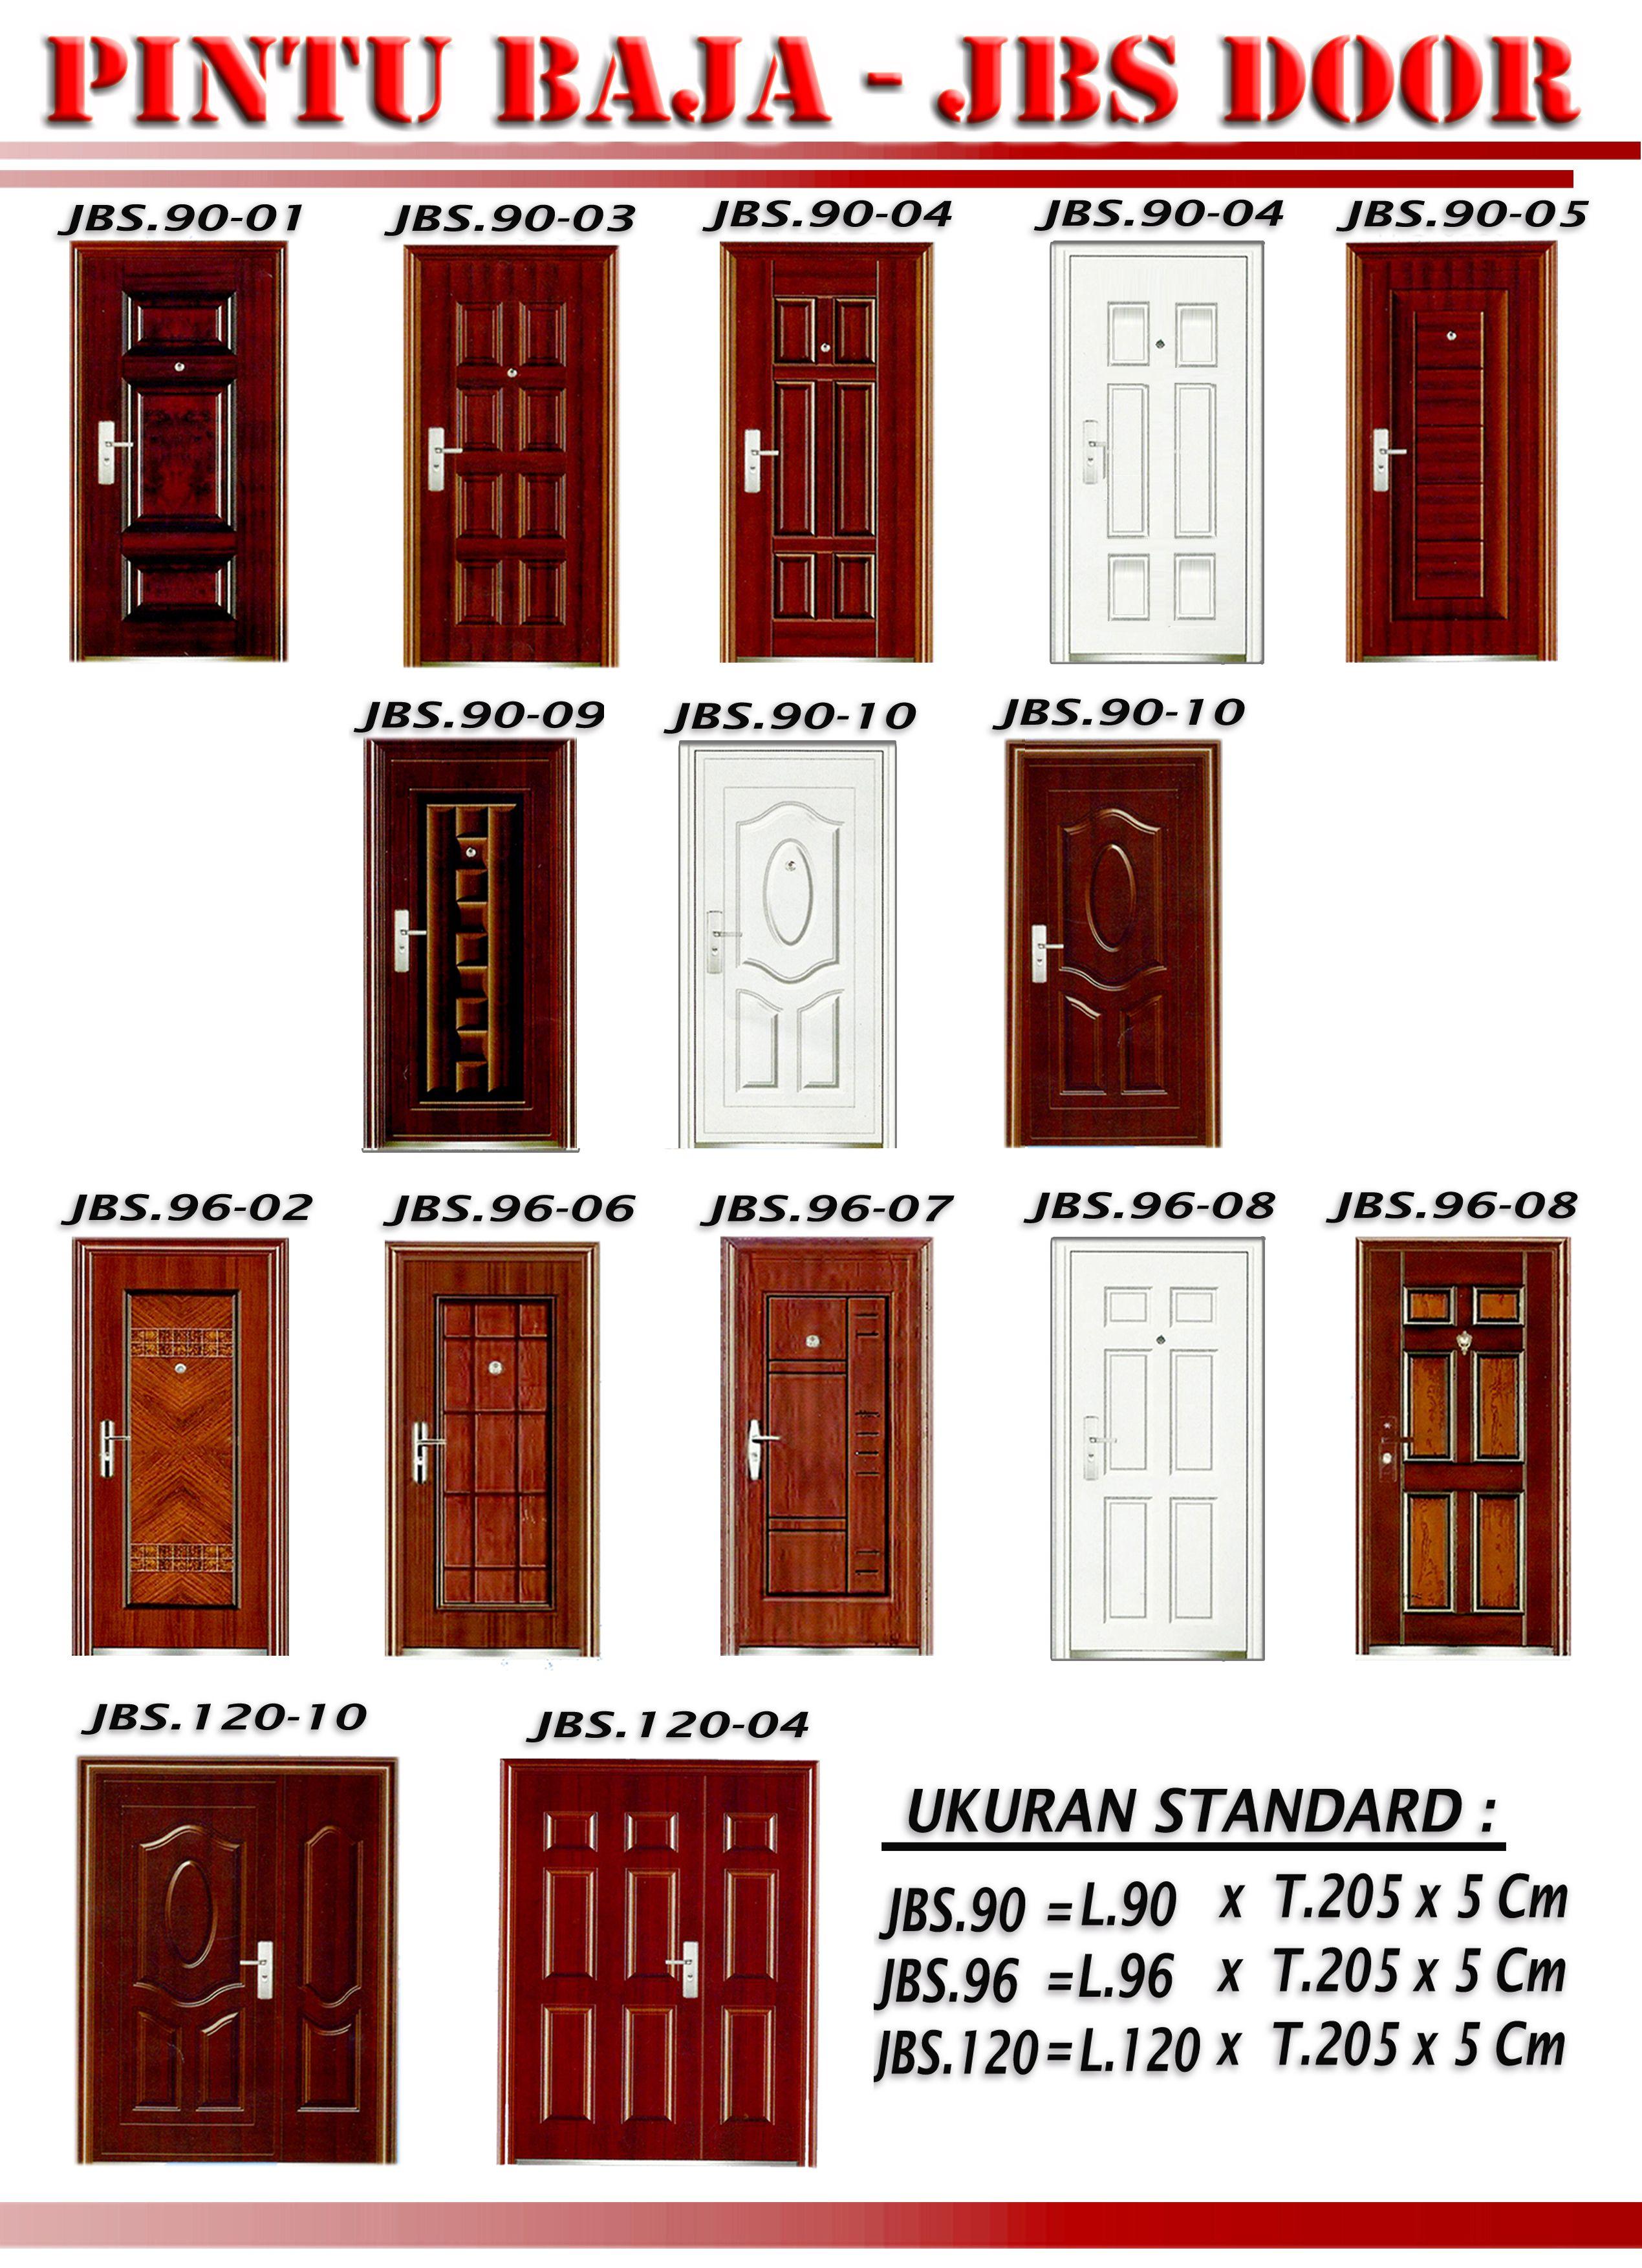 Model Pintu Depan Rumah 2 Pintu Model Pintu Depan Rumah Terbaru Gambar Ppintu Depan Rumah Terbaru Desain Pintu Depan Rumah Pintu Depan Pintu Rumah Minimalis